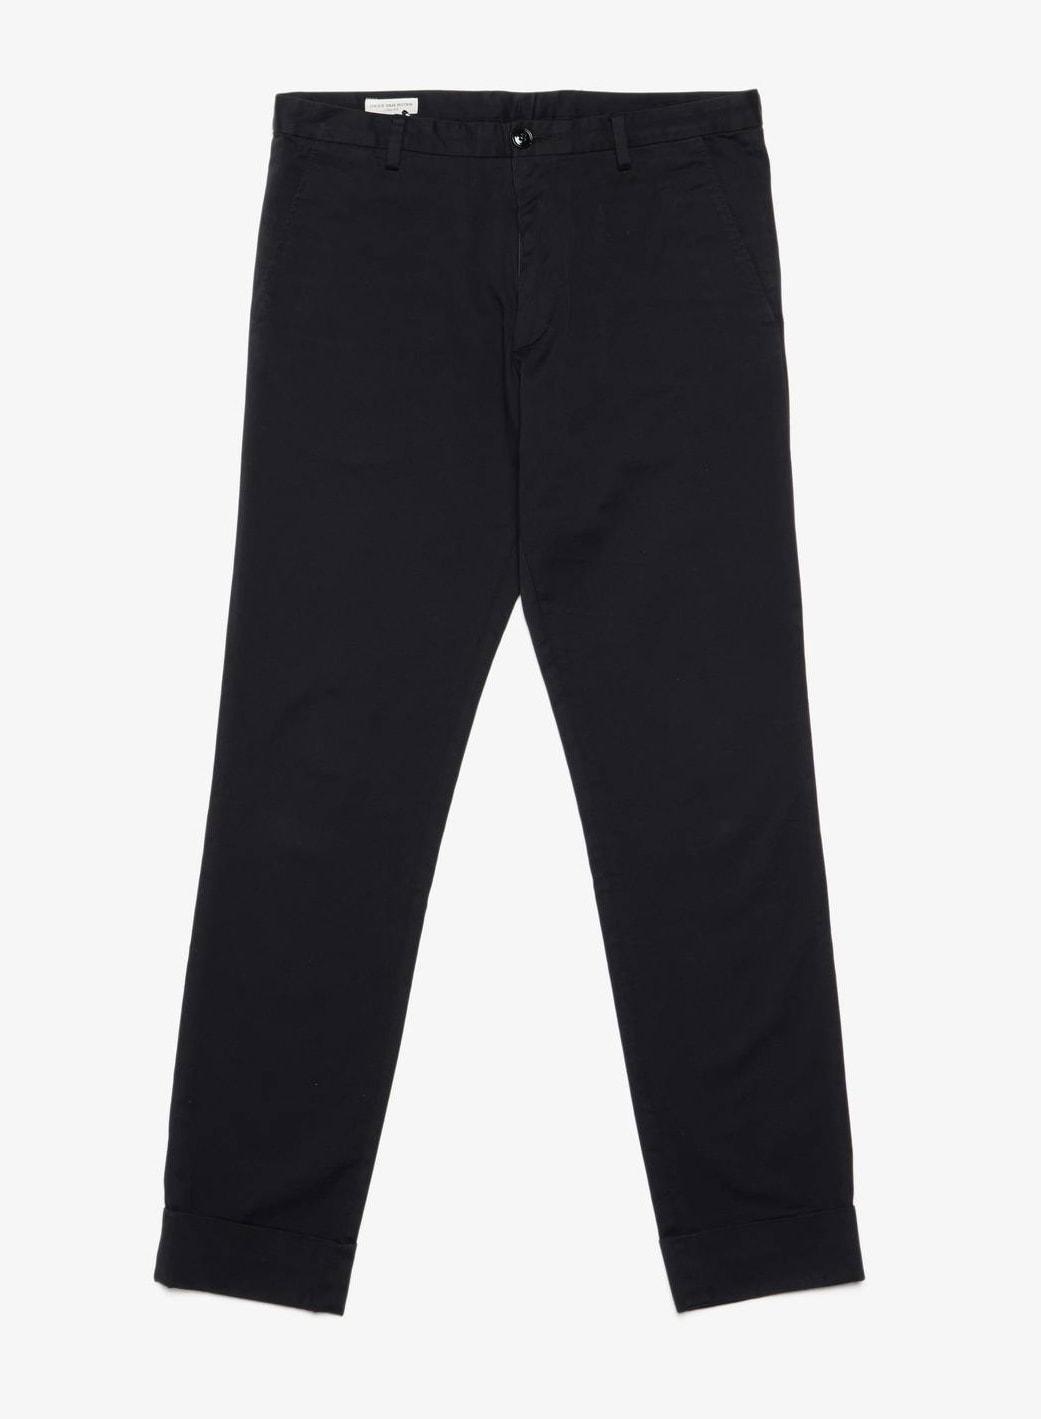 Dries Van Noten Black Cotton Pants